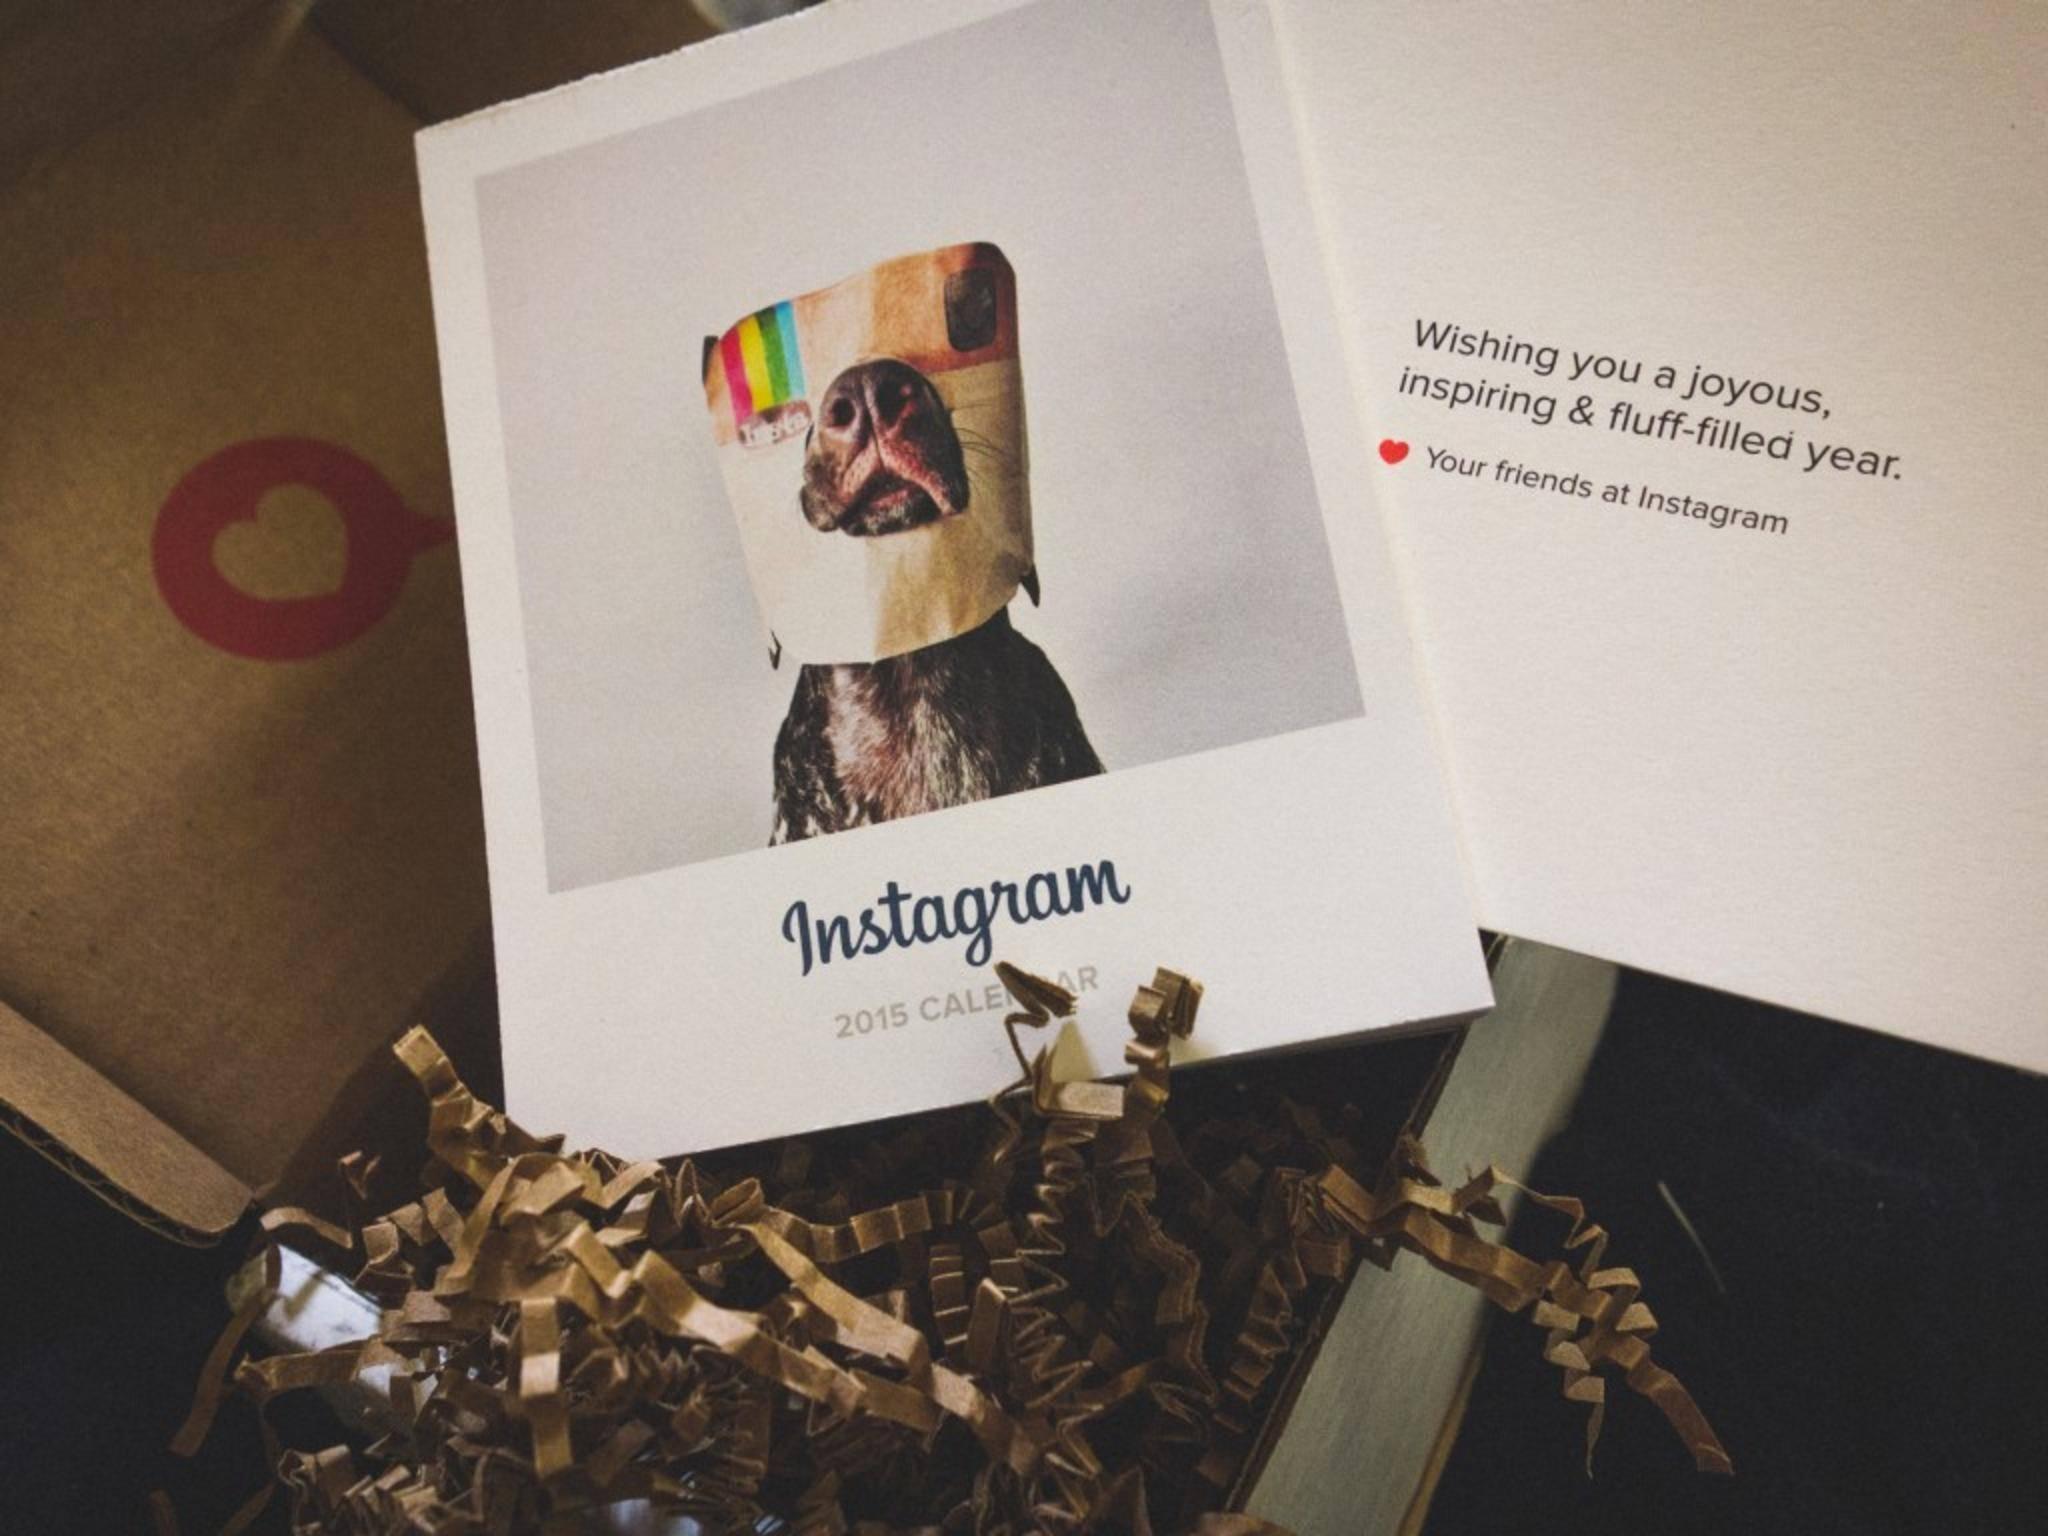 Mit einer diebischen App wurden die Nutzerdaten von Instagram-Usern ausgespäht.